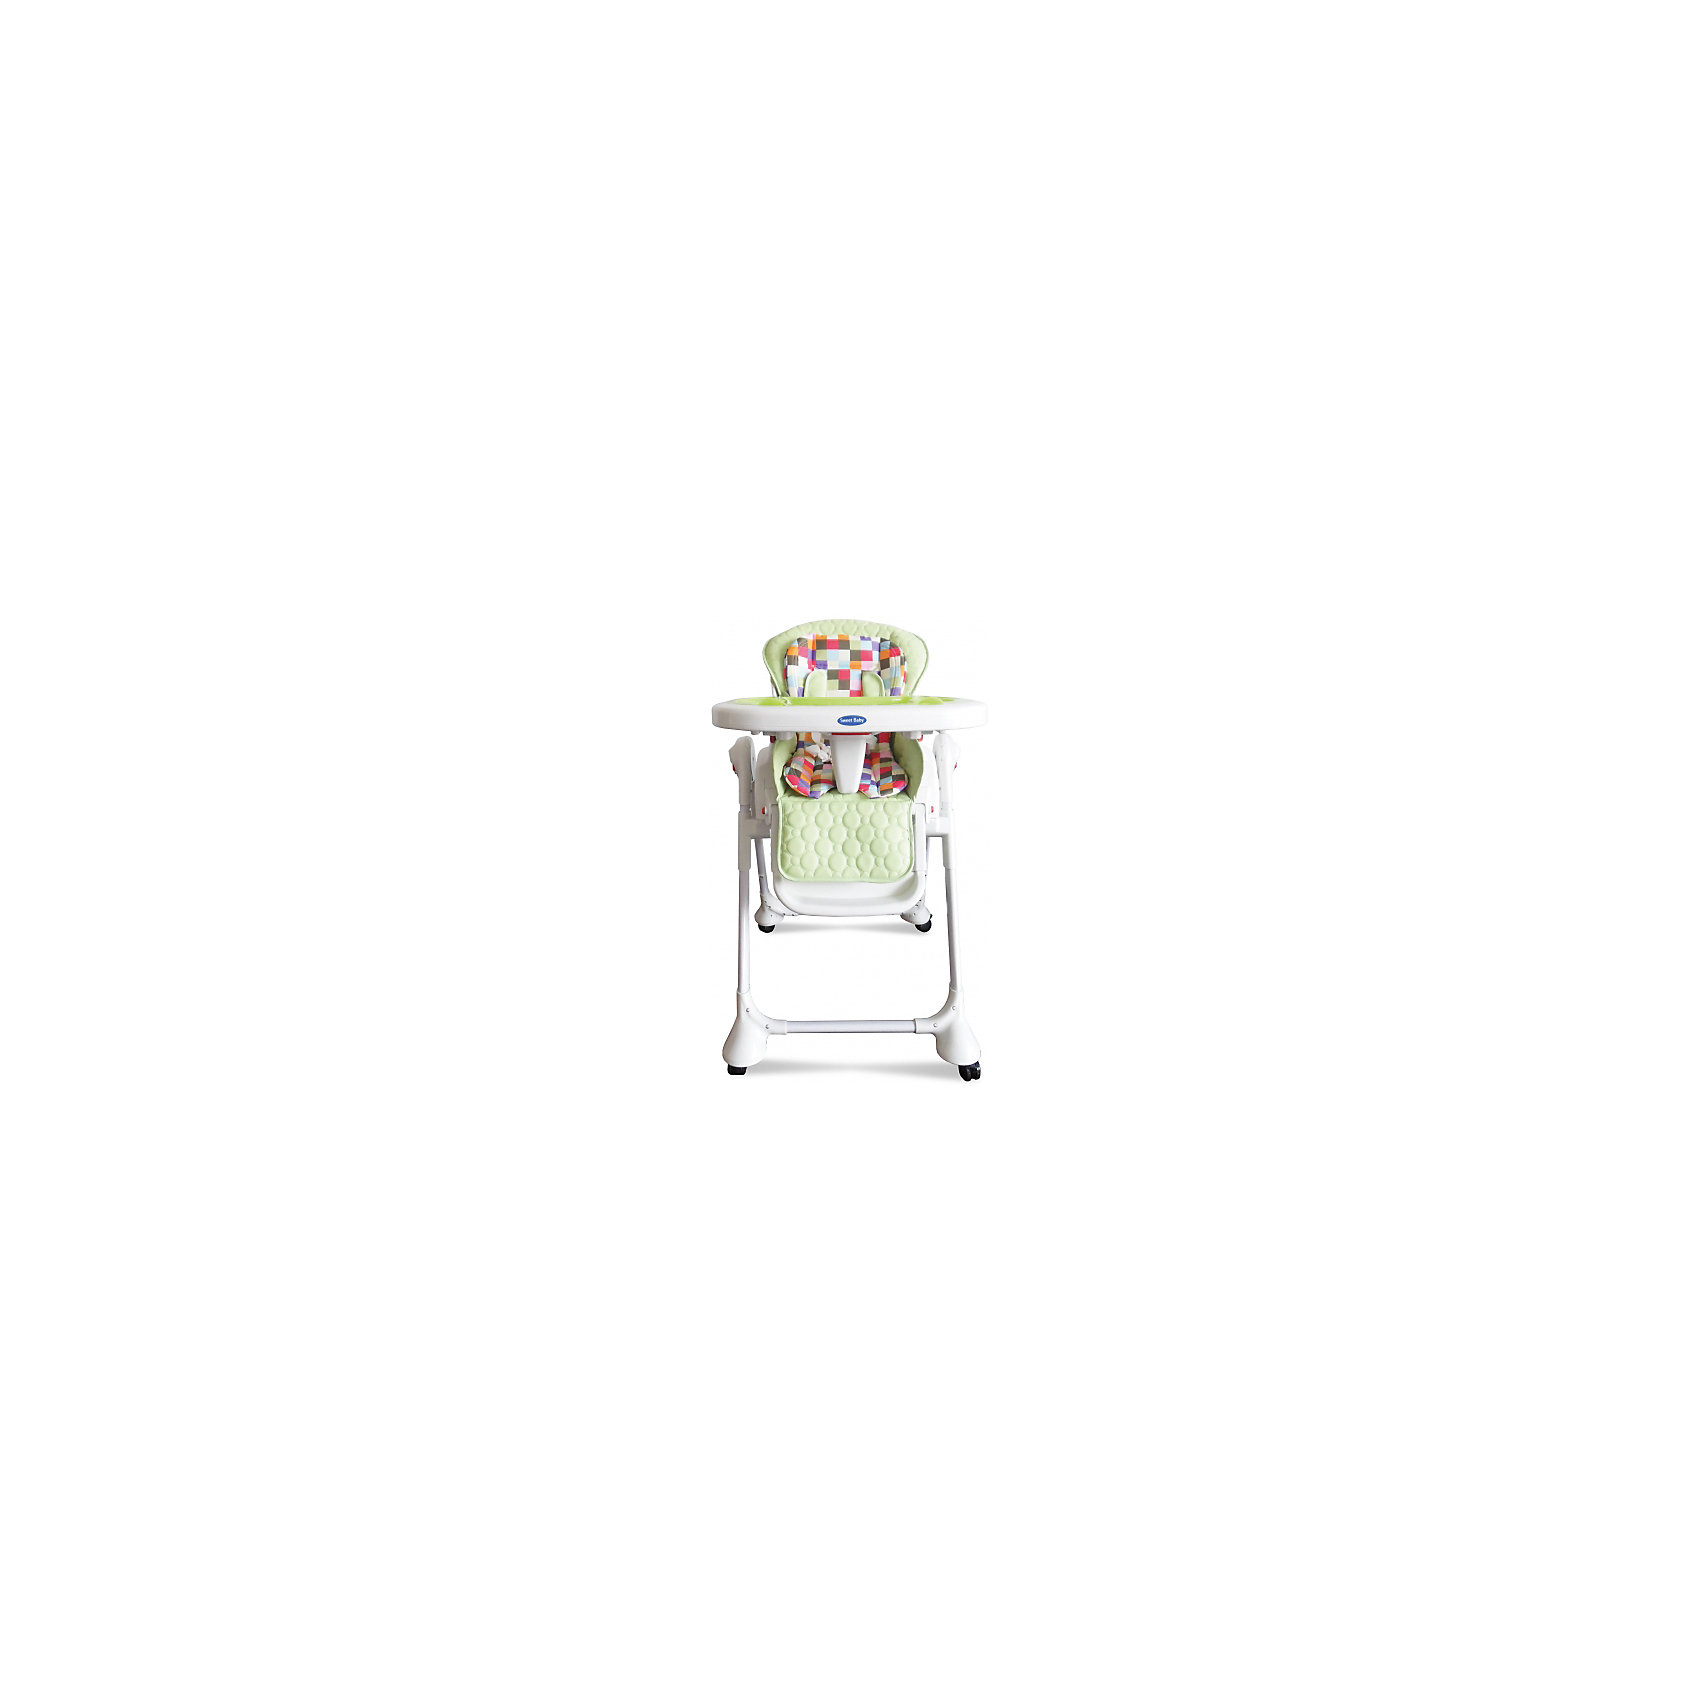 Стульчик для кормления Luxor Multicolor, Sweet Baby, MelaСтульчики для кормления<br>Характеристика товара:<br><br>• цвет: Mela (зеленый)<br>• используется в качестве стульчика для кормления или шезлонга для сна<br>• наклон спинки регулируется, устанавливается в горизонтальное положение<br>• регулируемая по высоте спинка (5 уровней)<br>• угол наклона спинки регулируется (3 положения)<br>• регулируемая длина подножки (3 уровня)<br>• чехол из экокожи<br>• яркий вкладыш из мягкой гипоаллергенной ткани (снимается)<br>• сетчато-текстильная корзина для аксессуаров<br>• 5-точечные ремни безопасности с надежным замком и мягкими накладками<br>• 3 позиции глубины и высоты подноса<br>• съемная верхняя накладка на поднос и 2 углубления для посуды<br>• 4 колеса со стоперами<br>• компактные размеры и устойчивость в сложенном виде<br>• возраст: от 0 месяцев<br>• материал рамы: металл, пластик<br>• страна производства: Китай<br>• вес: 15 кг<br>• размер упаковки: 91х30х65 см<br><br>Стульчик для кормления Luxor Multicolor Sweet Baby с уникальной функцией –<br>ручным механизмом качания!<br><br>Компактный стульчик для кормления теперь может быть и кроваткой – Вы сможете заняться любым делом, параллельно убаюкивая своего малыша.<br><br>Стульчик легко перемещается, а это значит, что Вы сможете убаюкать крошку там, где Вам удобно.<br><br>Стульчик для кормления Luxor Multicolor, Sweet Baby,  Mela можно купить в нашем интернет-магазине.<br><br>Ширина мм: 850<br>Глубина мм: 630<br>Высота мм: 1080<br>Вес г: 9500<br>Возраст от месяцев: 0<br>Возраст до месяцев: 36<br>Пол: Унисекс<br>Возраст: Детский<br>SKU: 6680140